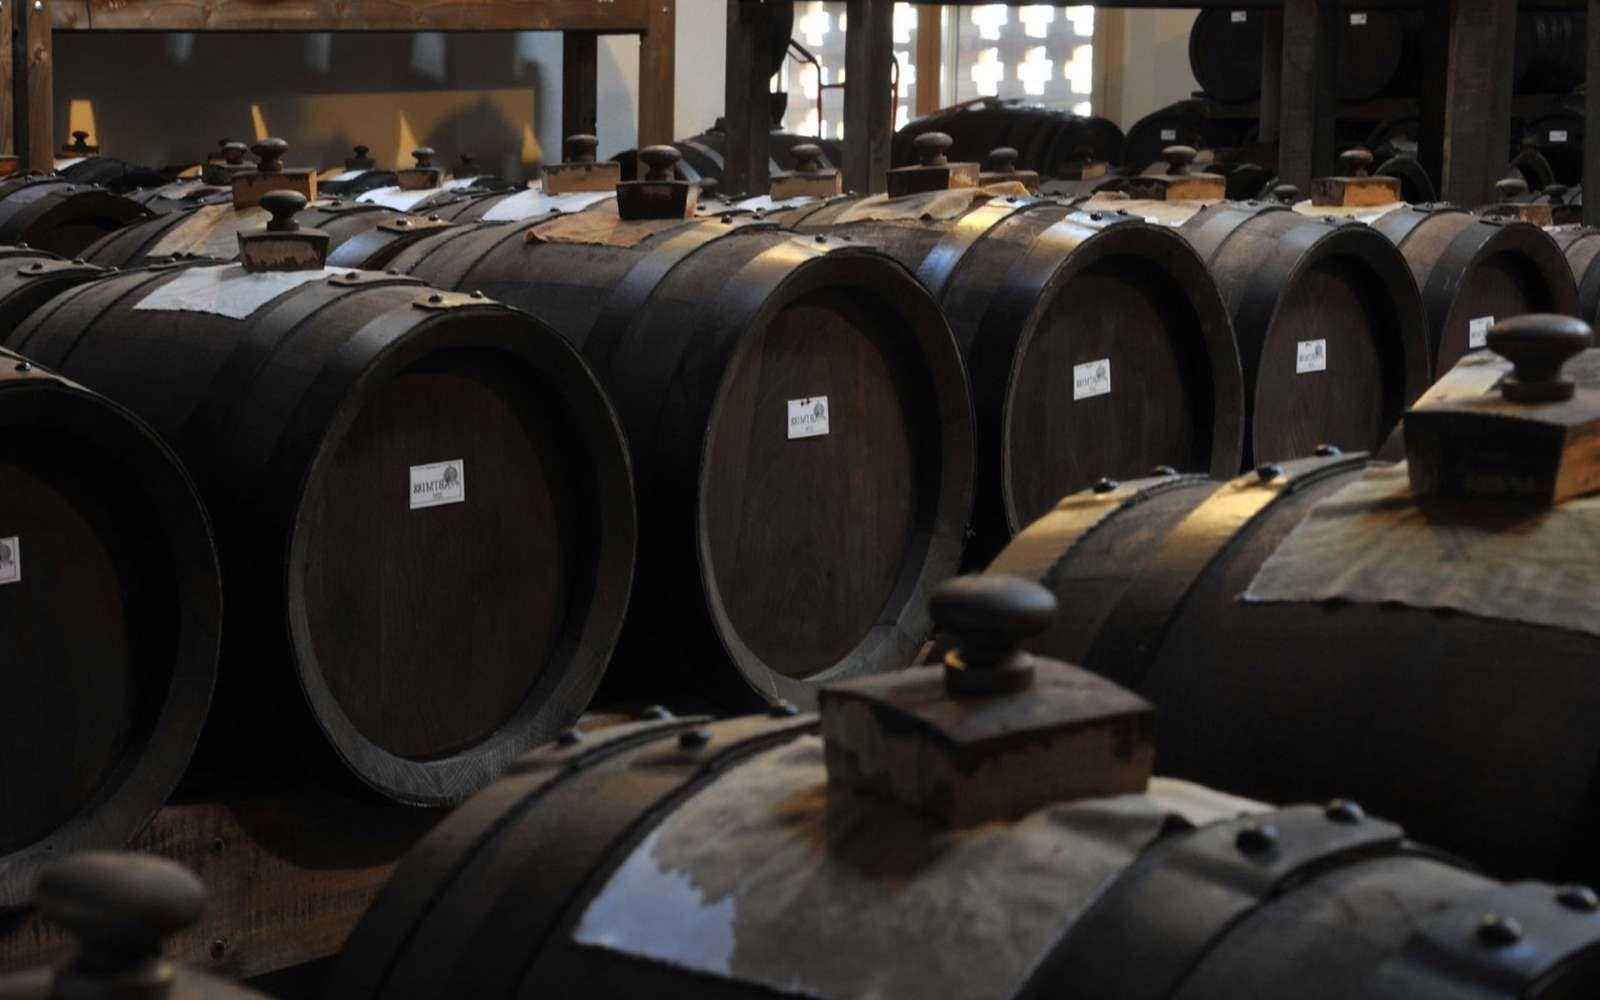 Per capire l'aceto a Modena è fondamentale non confondere l'Aceto Balsamico con l'Aceto Balsamico Tradizionale: due prodotti del tutto differenti. Cambia il metodo